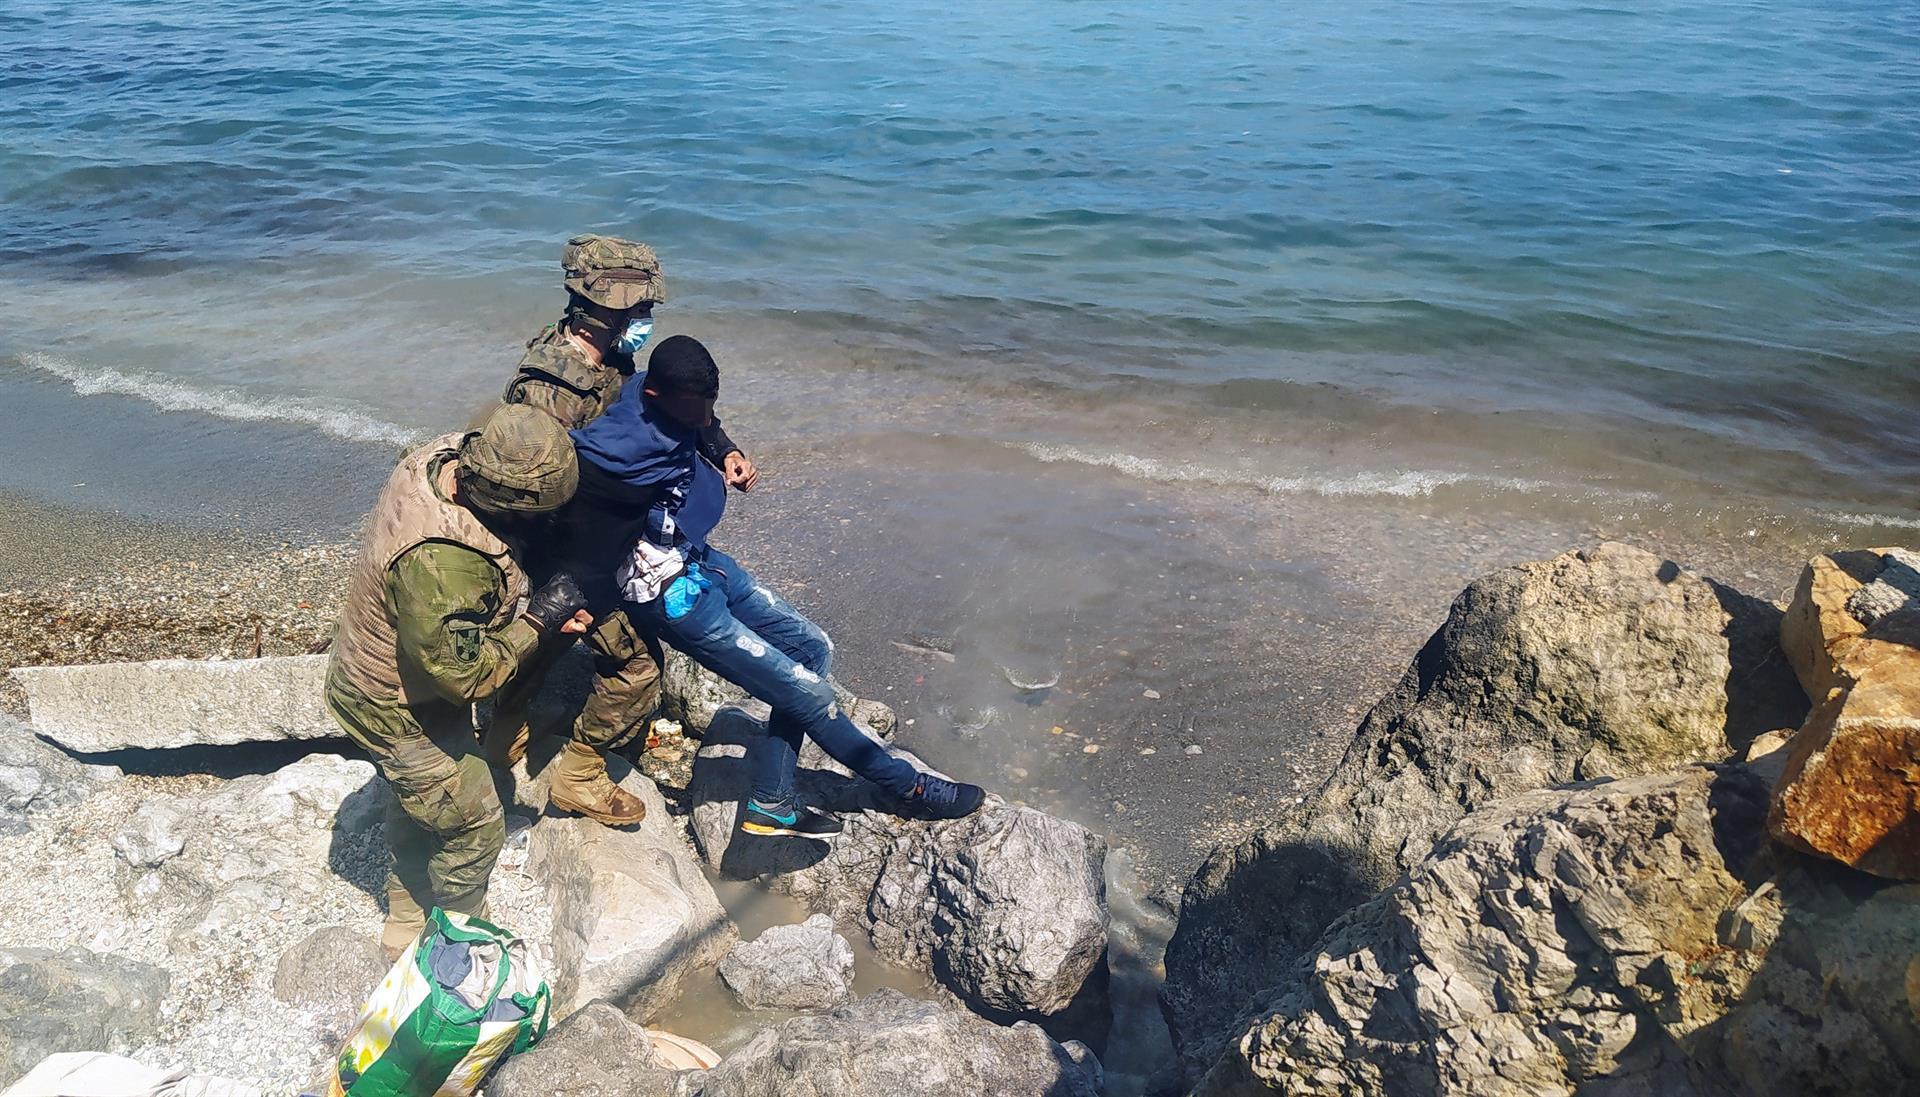 La llegada masiva de inmigrantes marroquíes a Ceuta ha sido el último y más grave episodio en la crisis diplomática entre España y Marruecos abierta por el ingreso hace unas semanas en un hospital español del líder del Frente Polisario, Brahim Ghali, enfermo de coronavirus. EFE/Reduan Dris Regragui